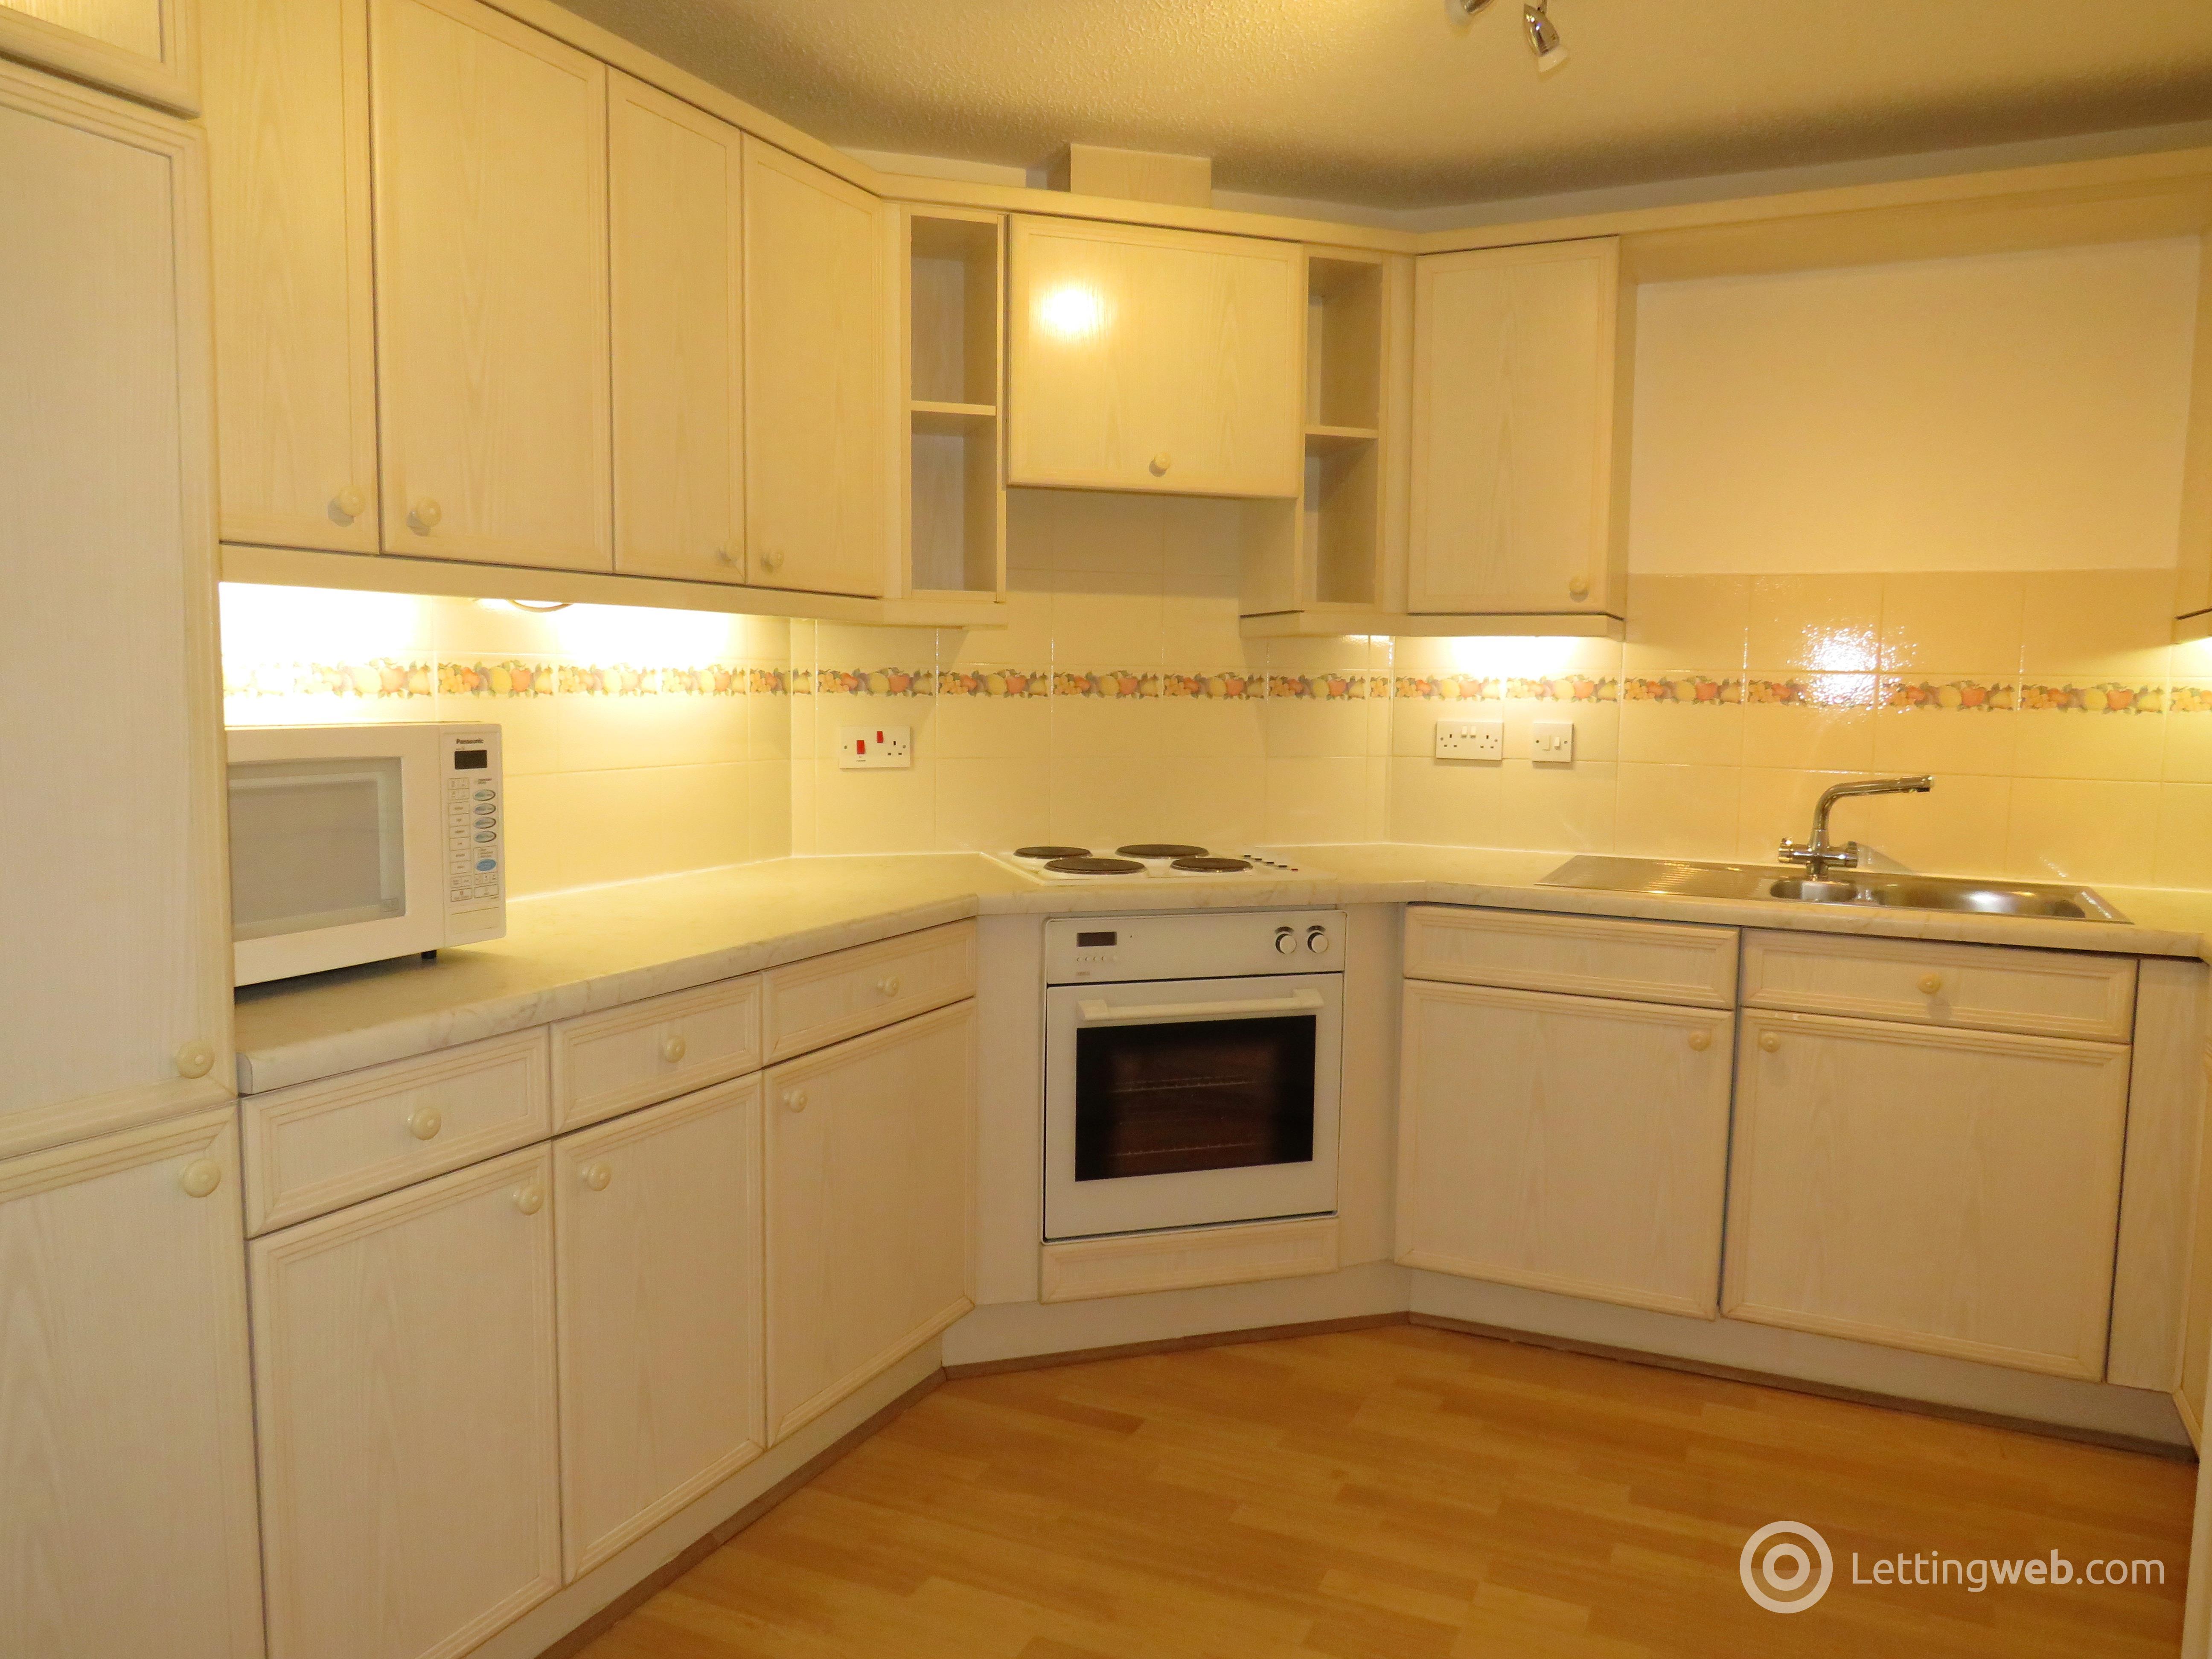 Property to rent in Avonbridge Drive, Hamilton